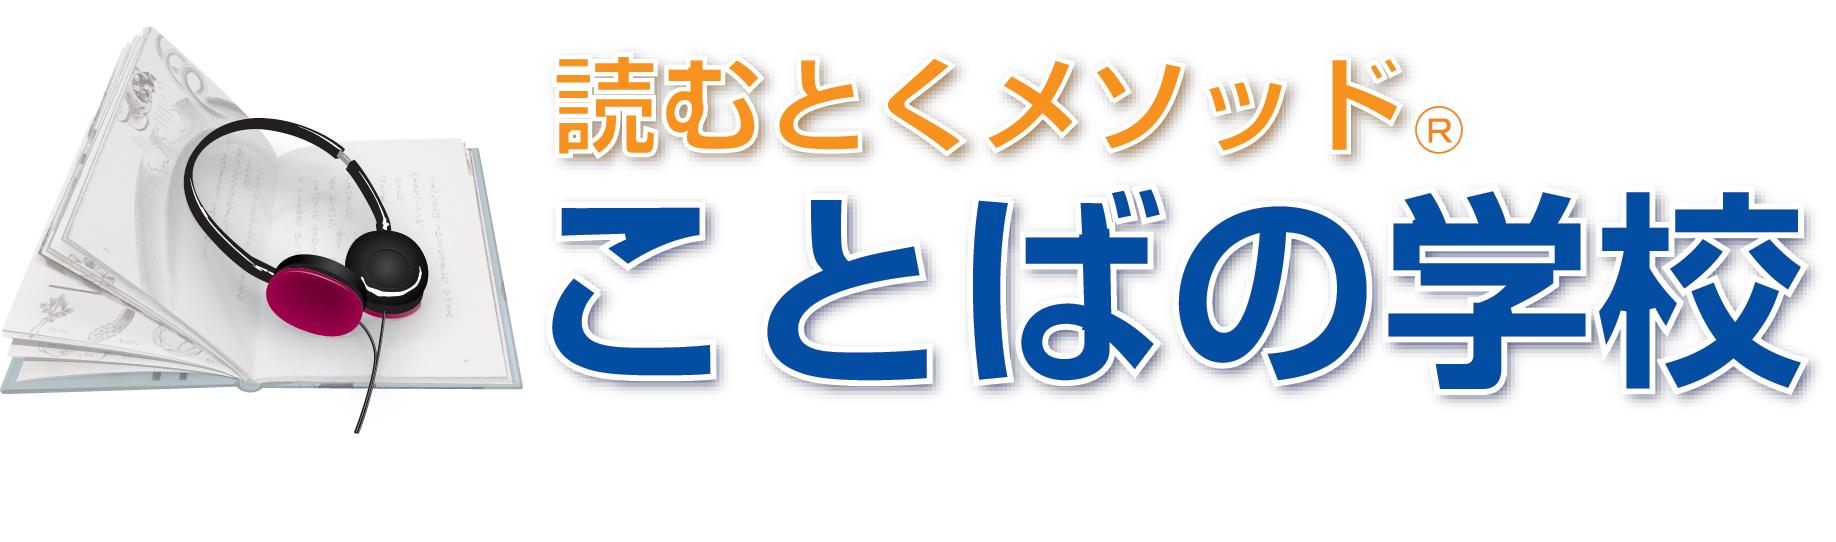 kotoba_book_logo